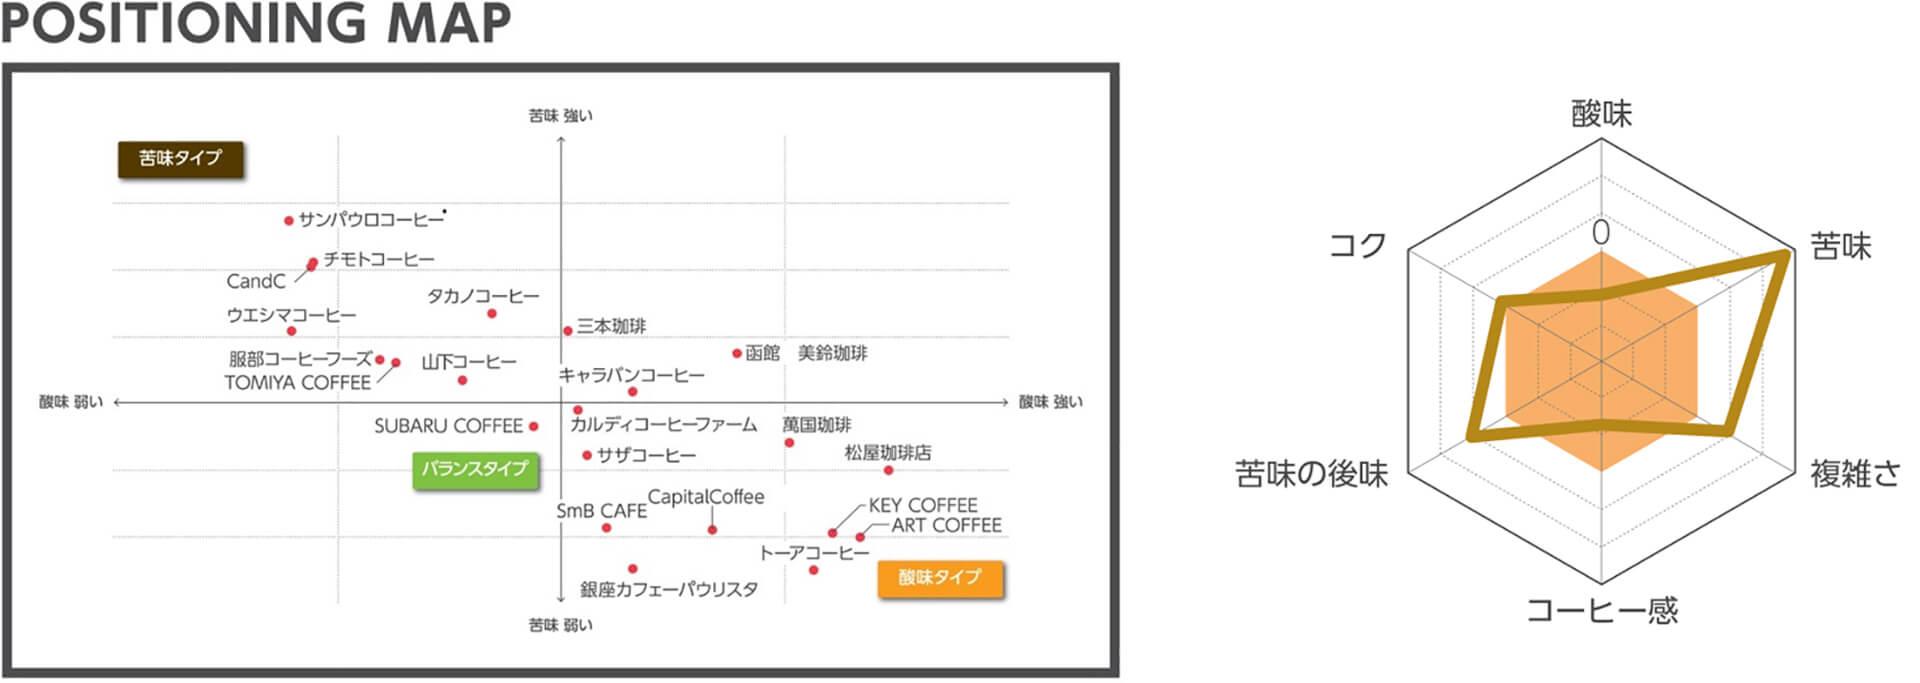 コーヒーサミット2020チャート